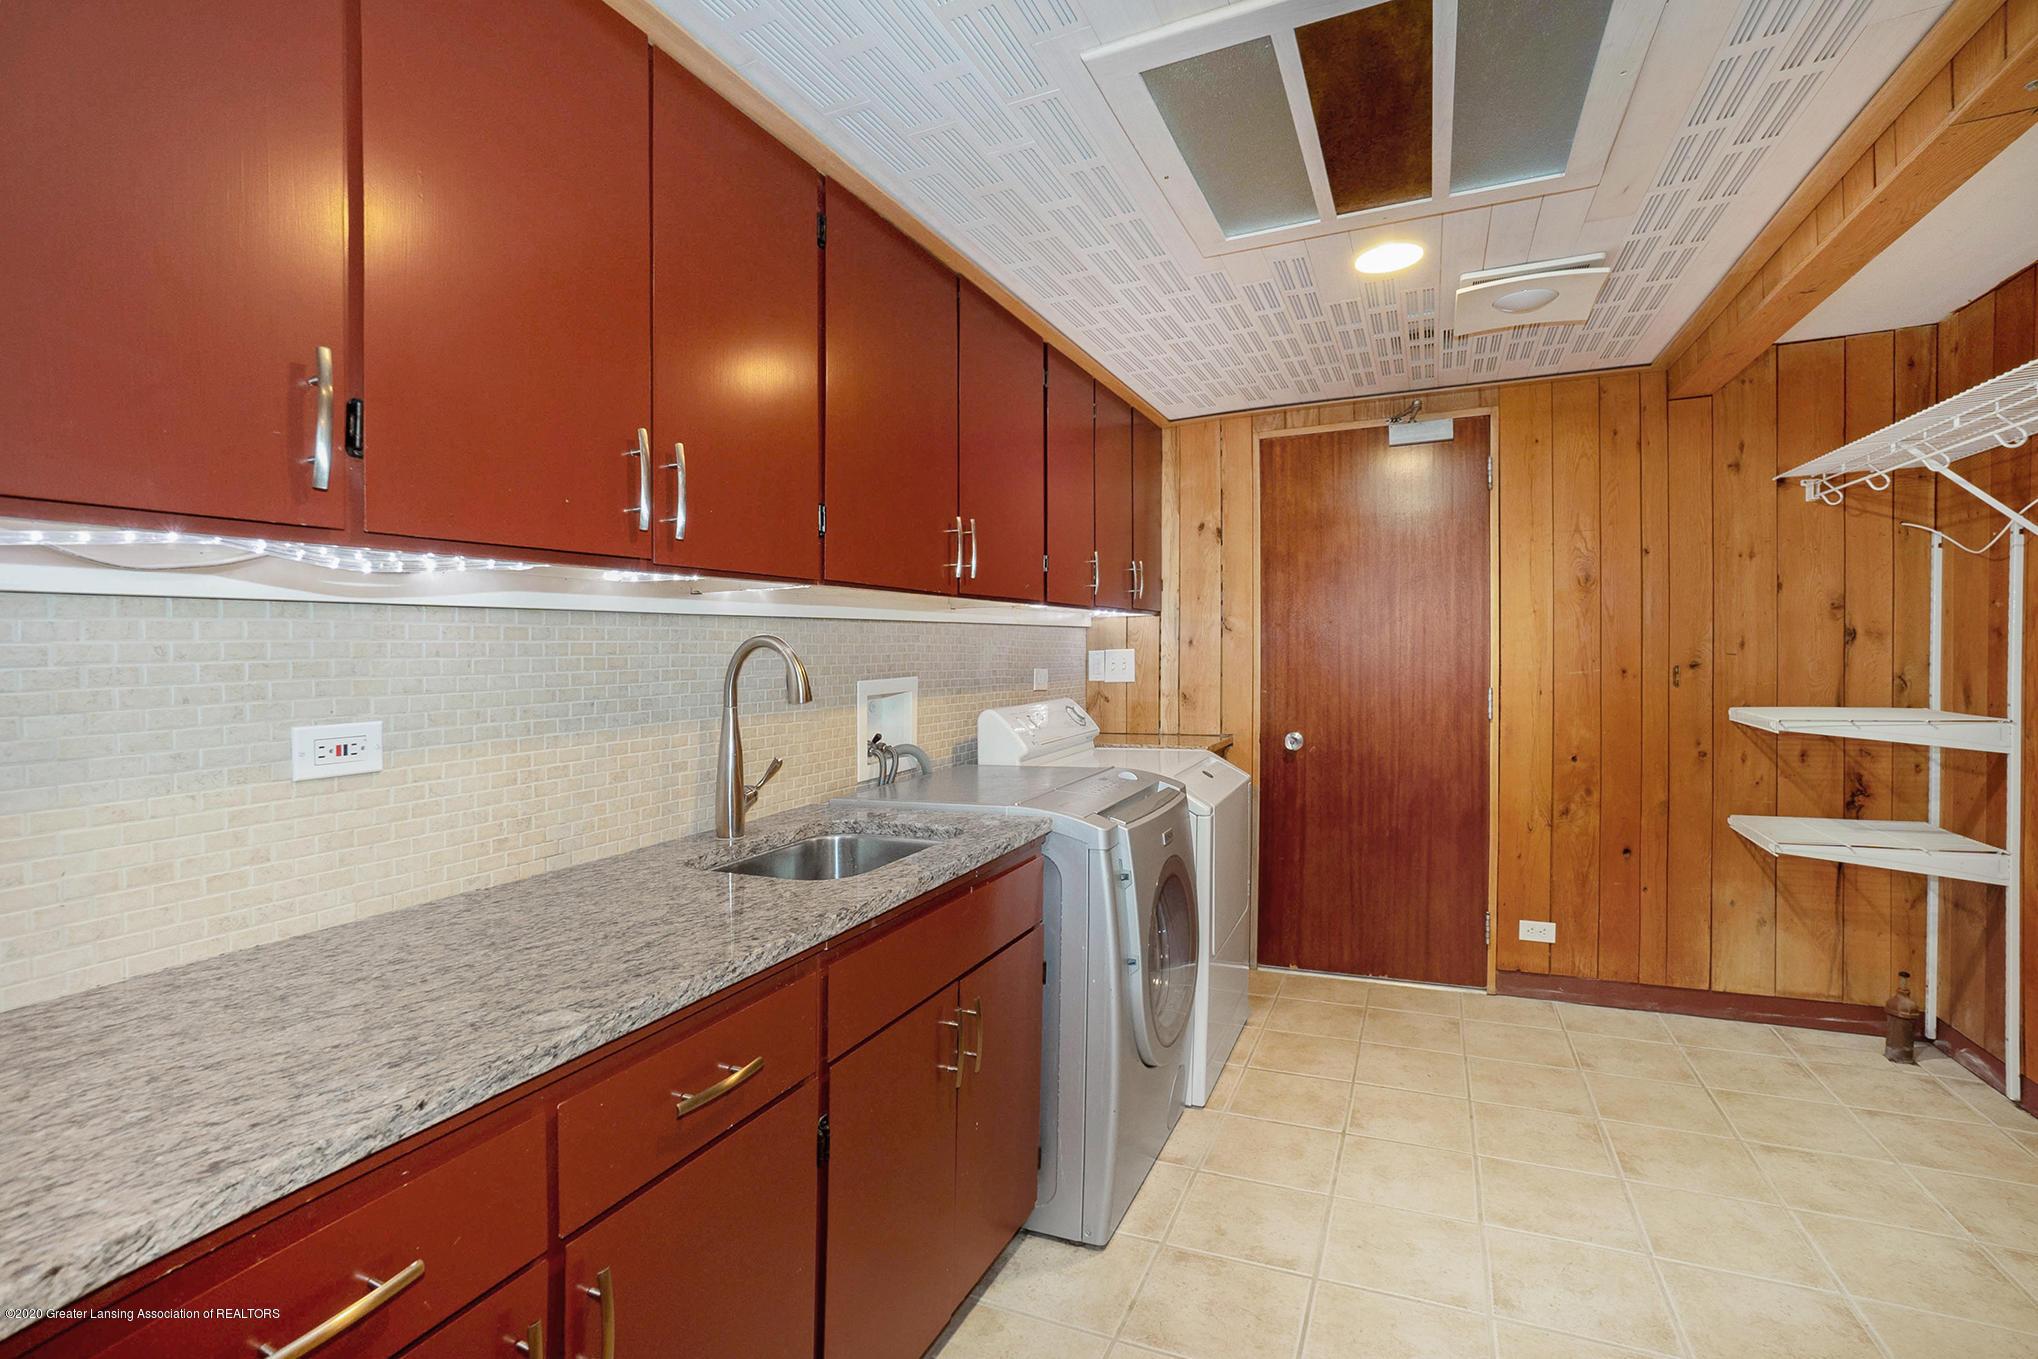 4045 Van Atta Rd - Laundry Room - 51